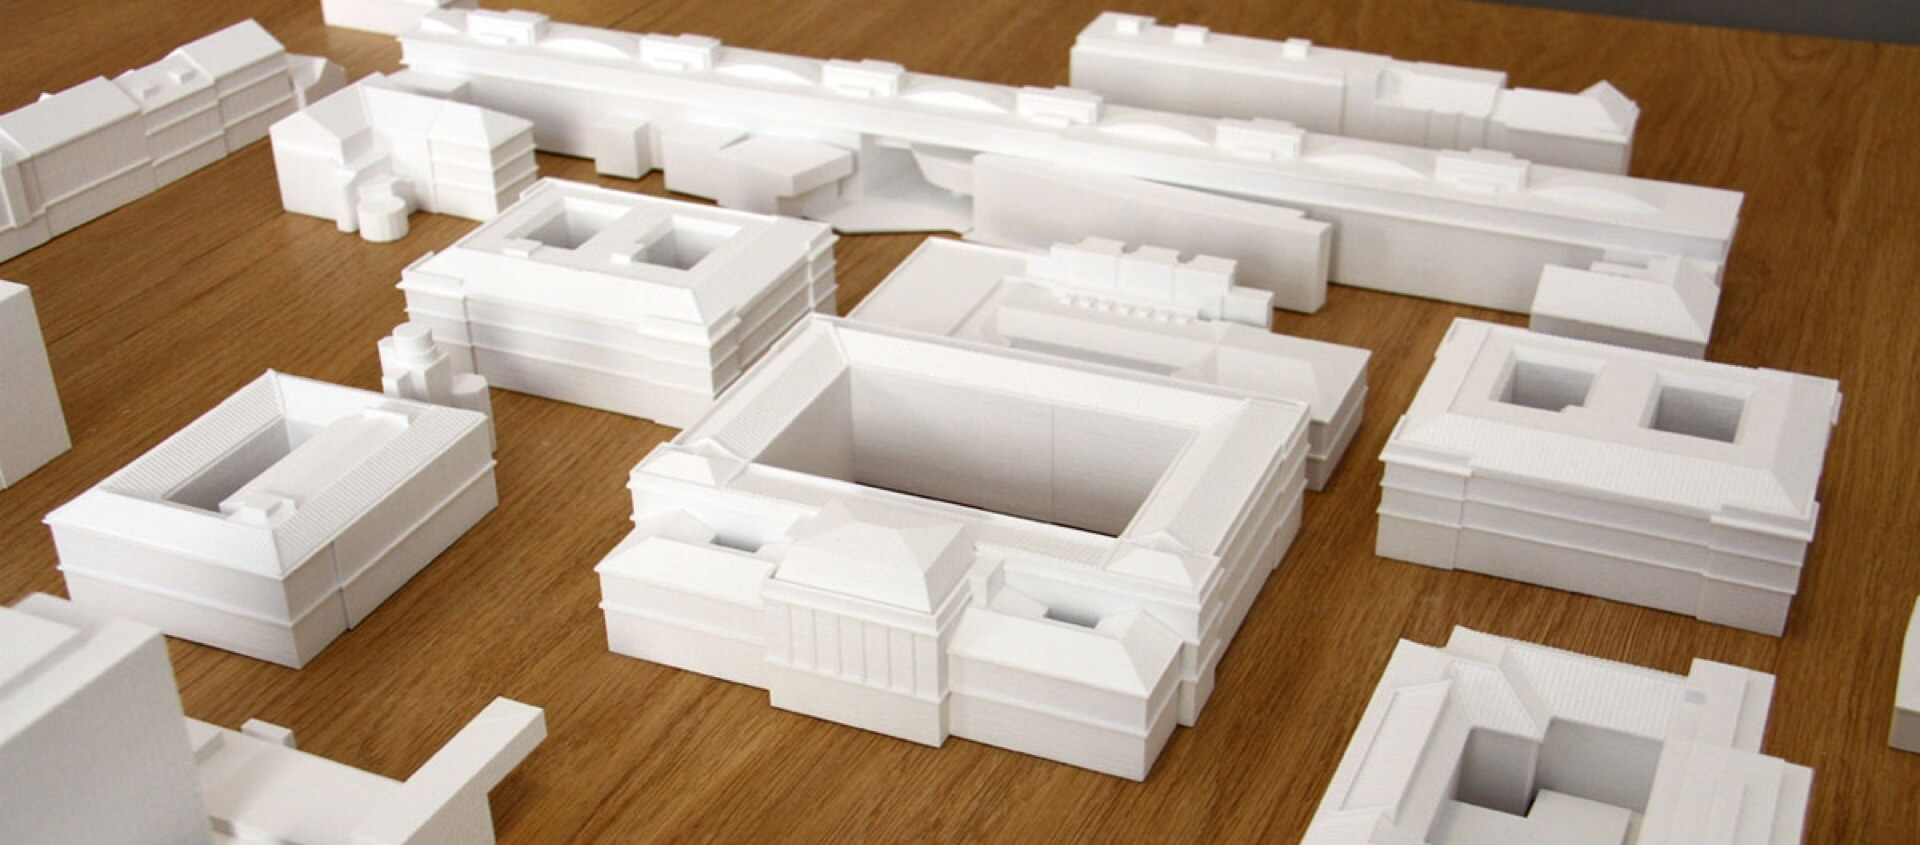 Detailgetreue Architekturmodelle